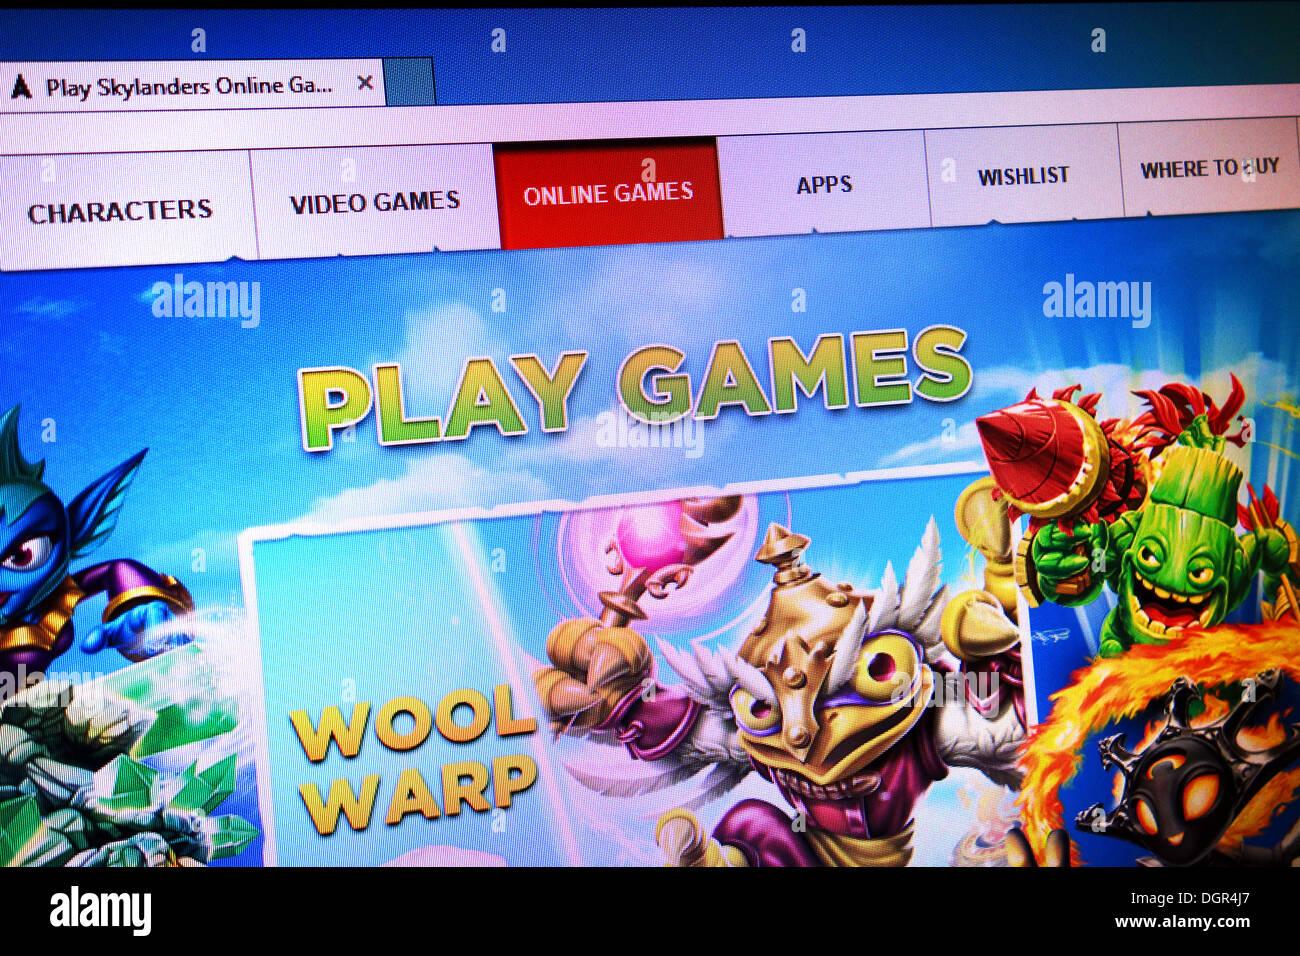 skylands online game - Stock Image